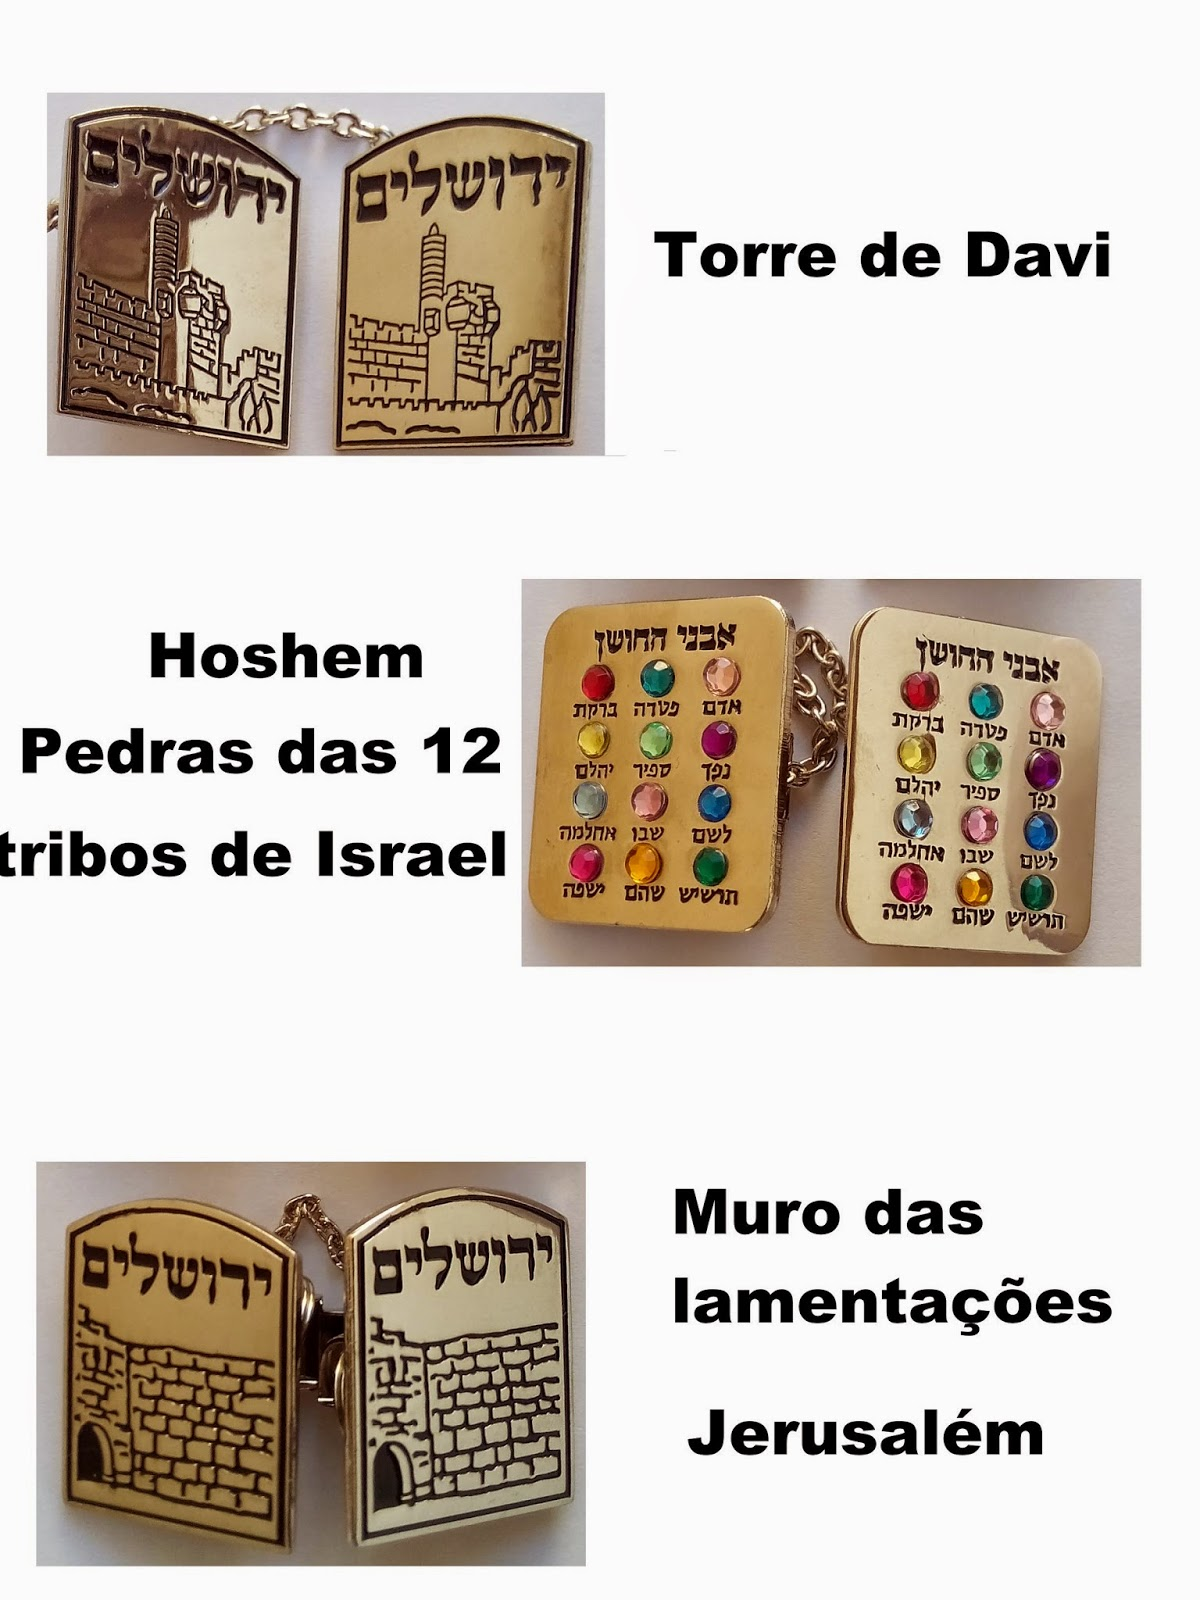 Jerusalém, Torre de Davi